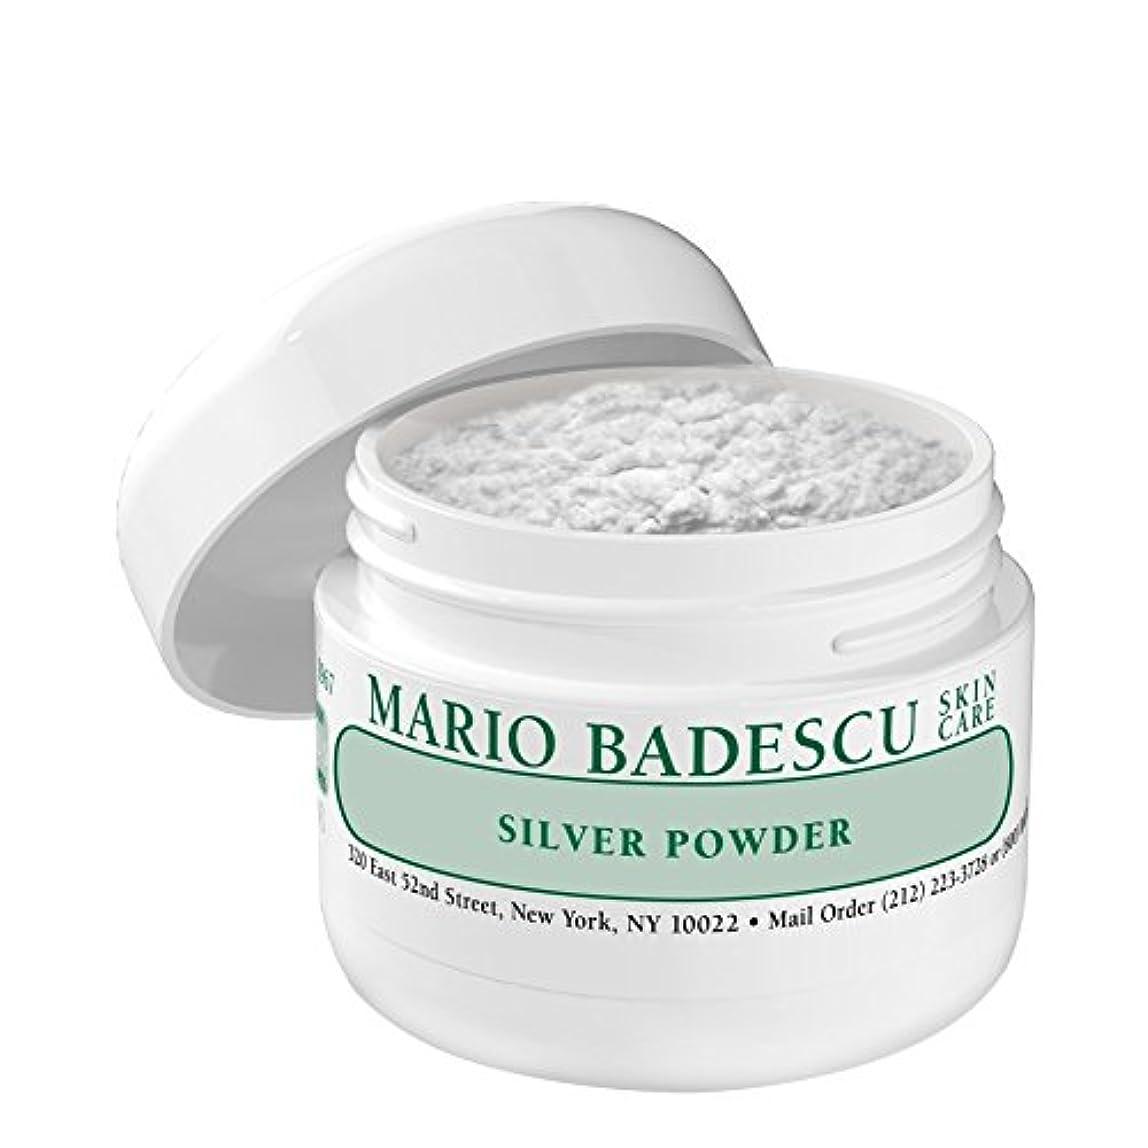 噴水人工的な宣言Mario Badescu Silver Powder - マリオ?バデスキュー銀粉末 [並行輸入品]